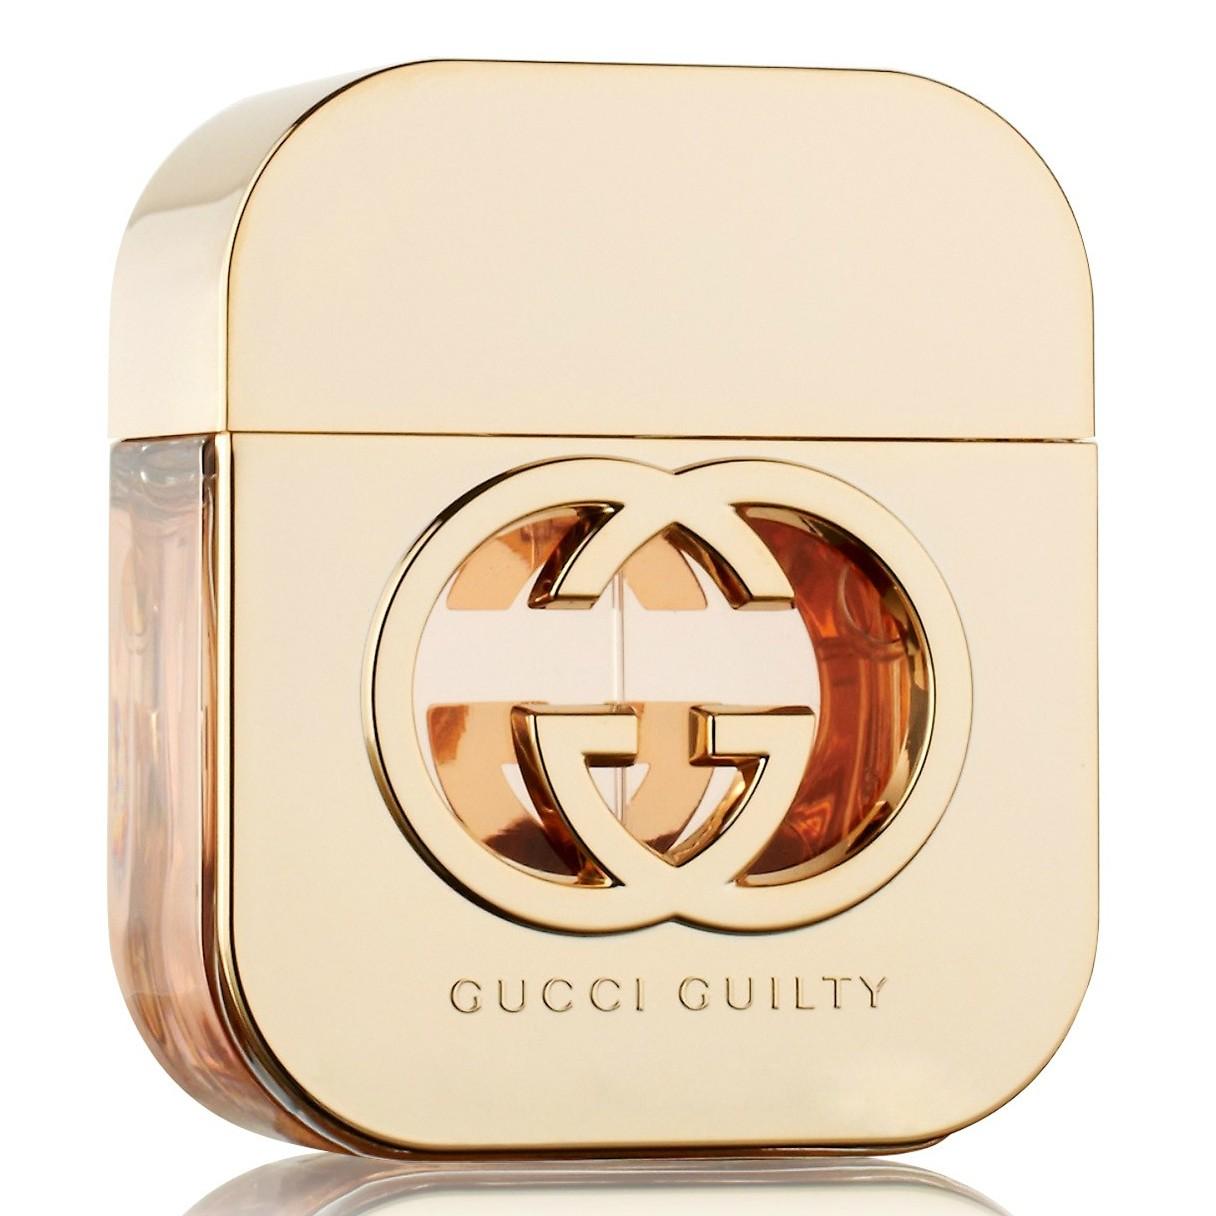 Nikas Beauty Land Gucci Guilty Eau De Toilette